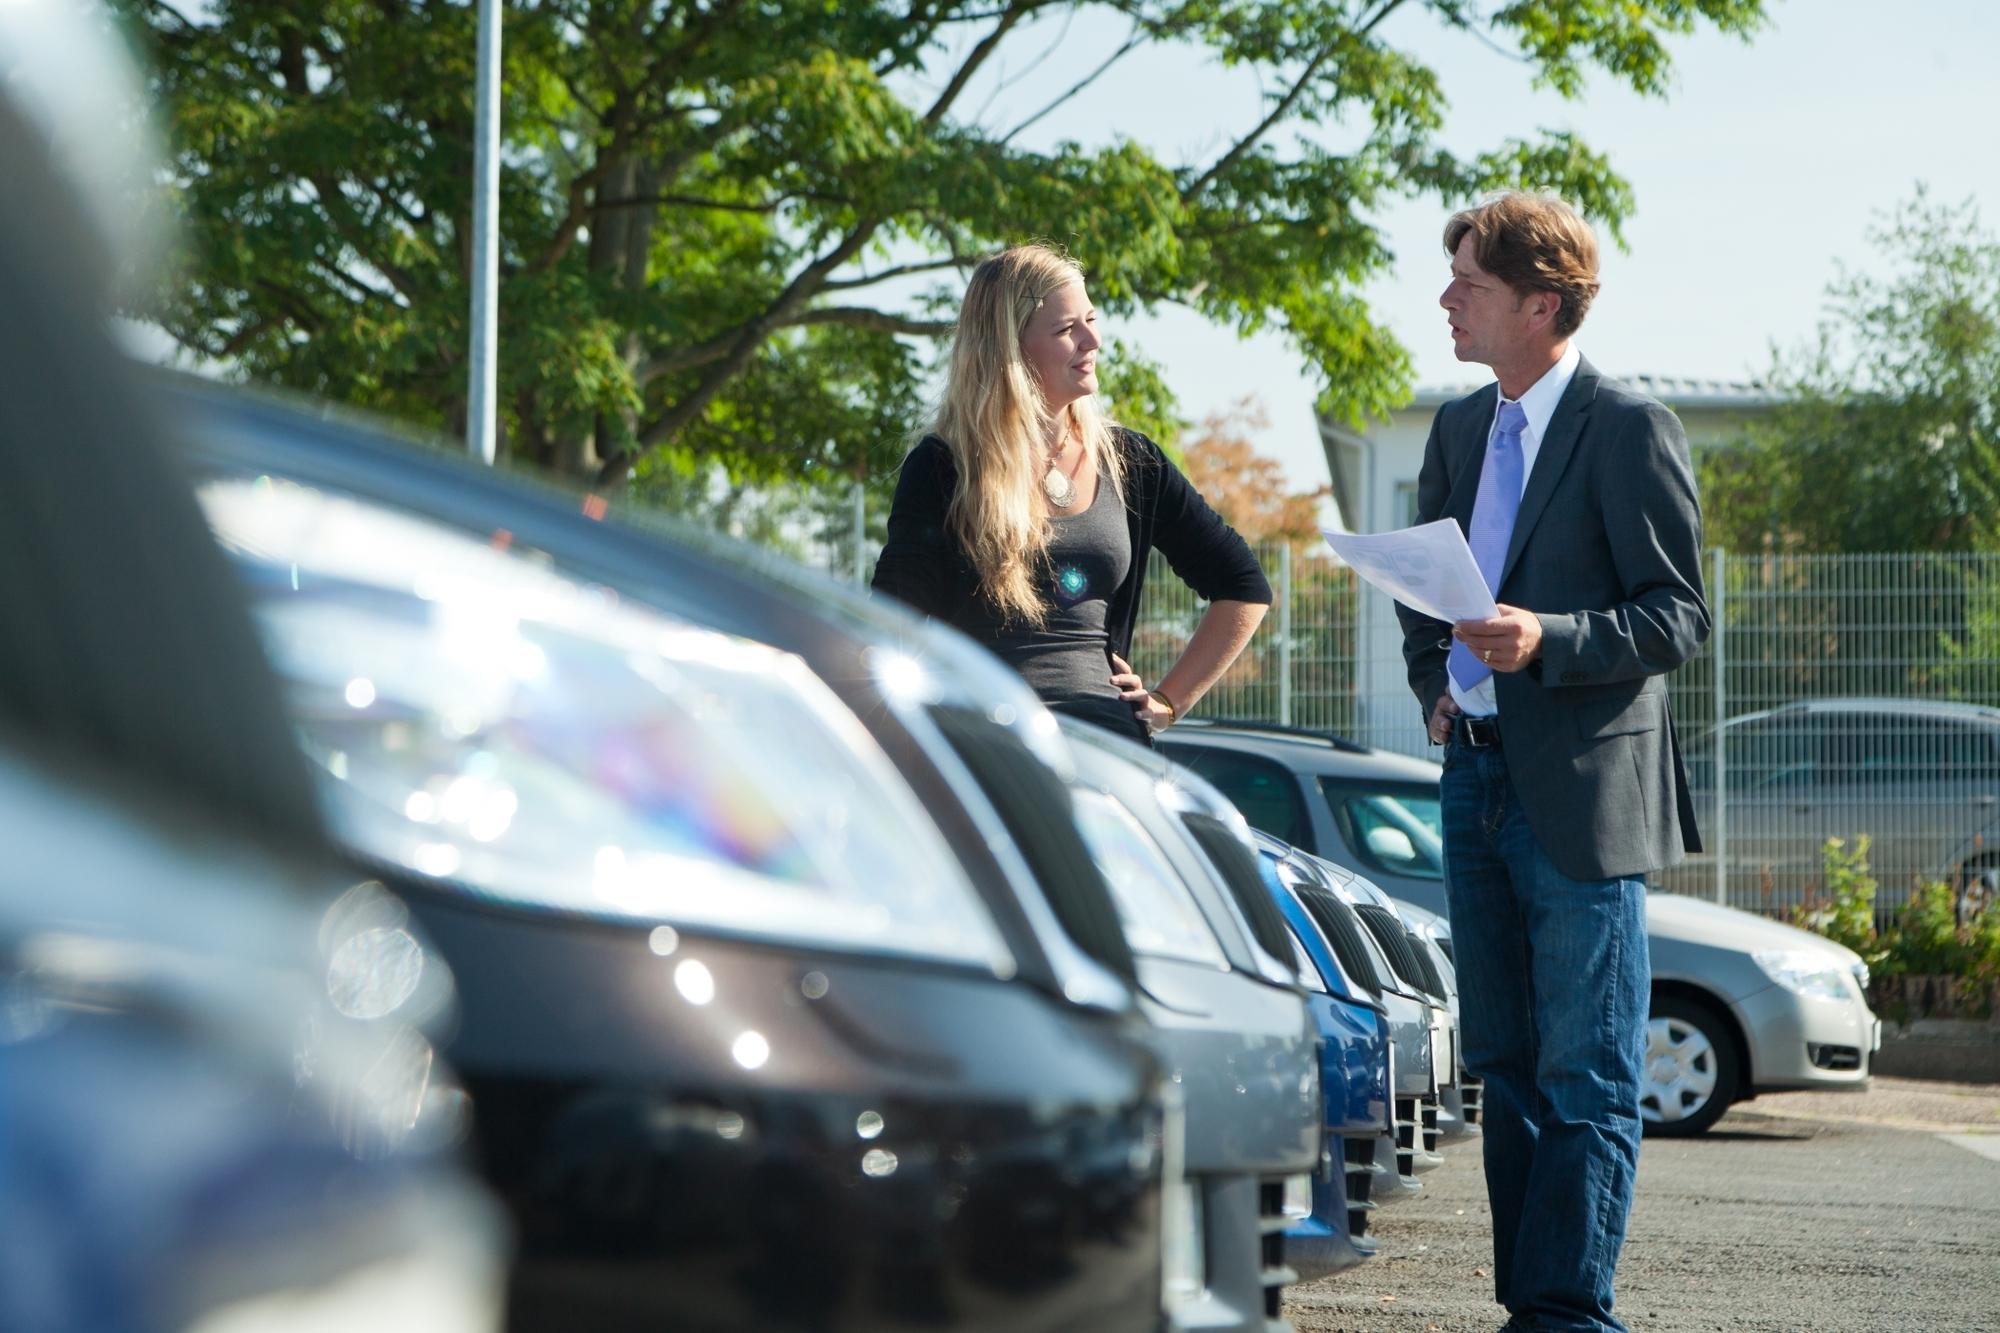 Immer weniger Privatleute kaufen Neuwagen - Negativ-Rekord